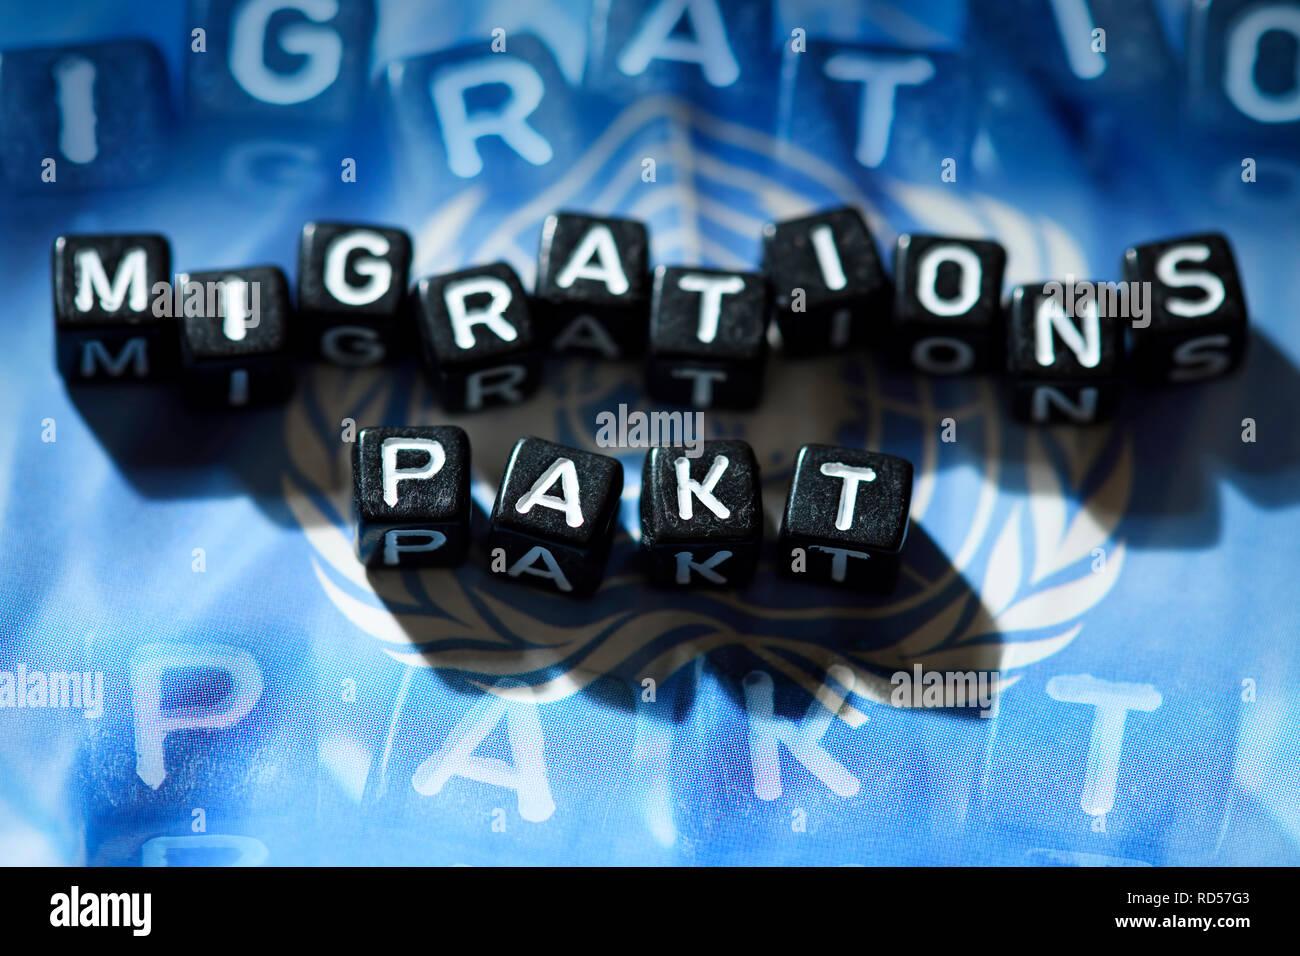 Letters form the word Migration pact on UN flag, Buchstaben formen das Wort Migrationspakt auf UN-Fahne - Stock Image